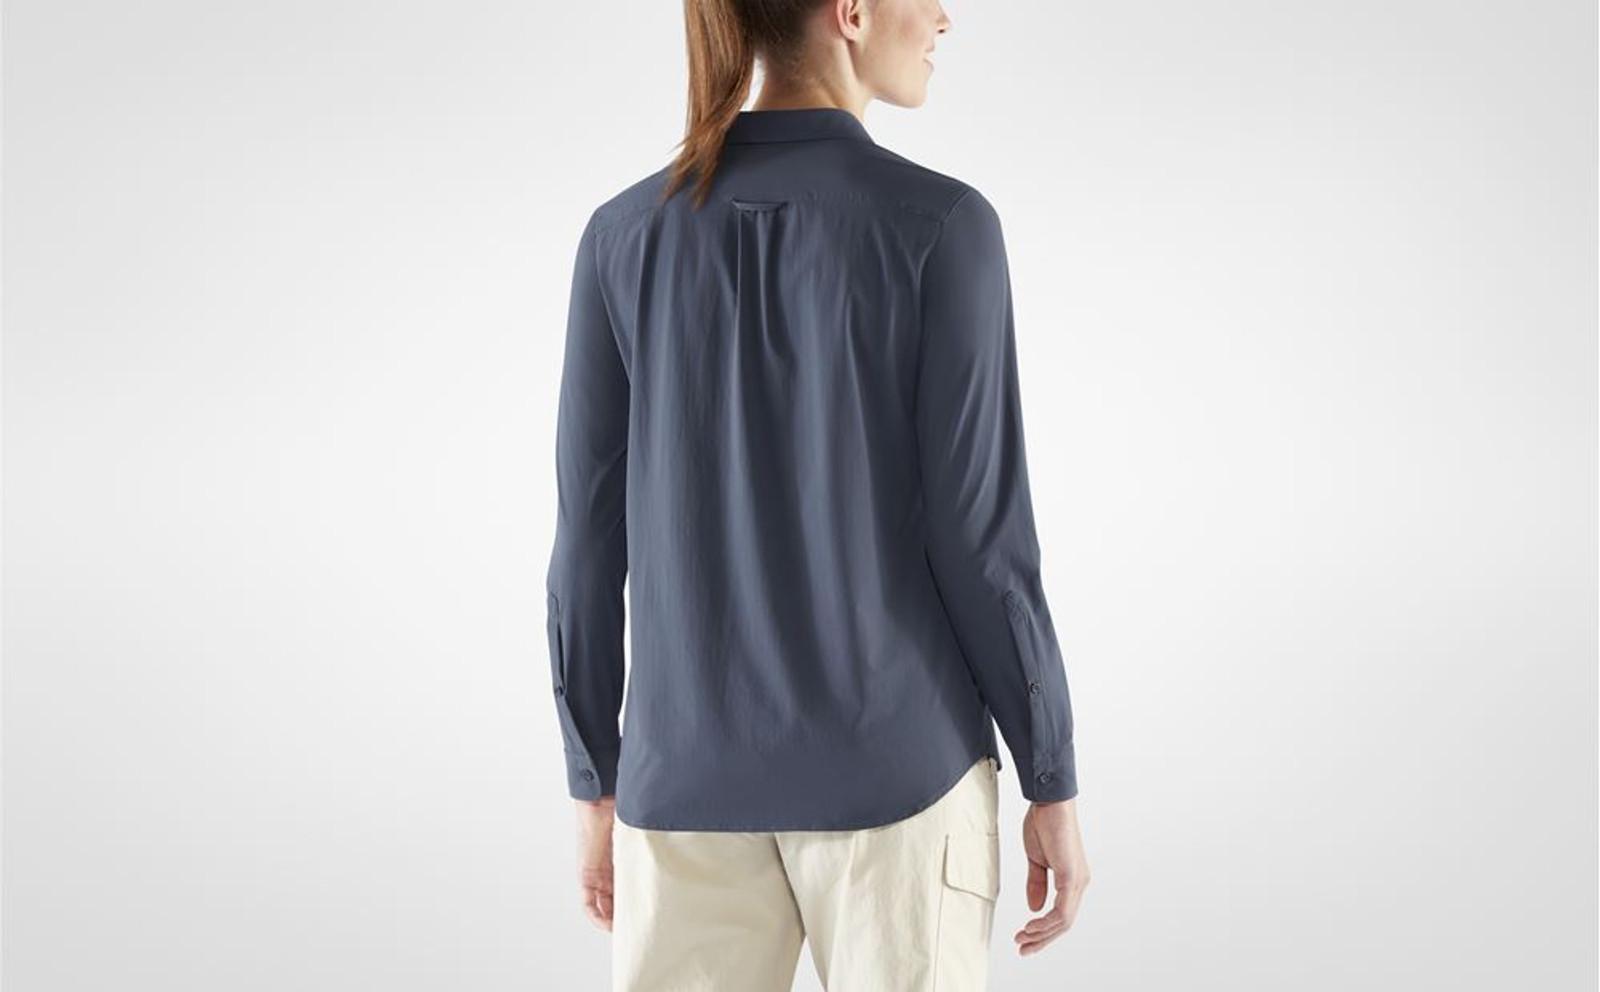 Fjällräven Övik Lite Shirt, Women's, Navy - F89980-560 (F89980-560) on model back